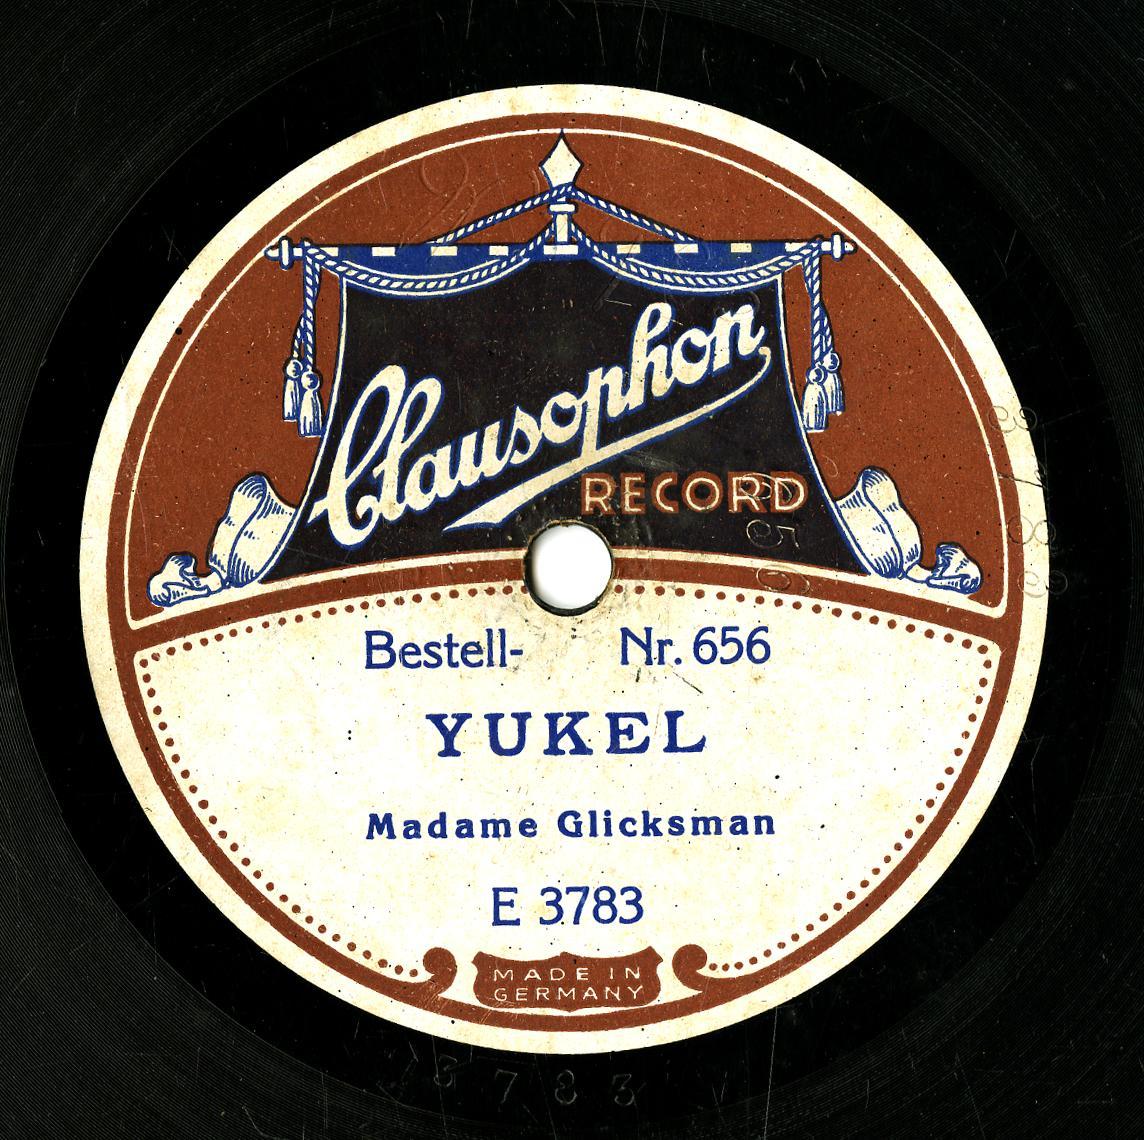 Yukel (1 of 2)